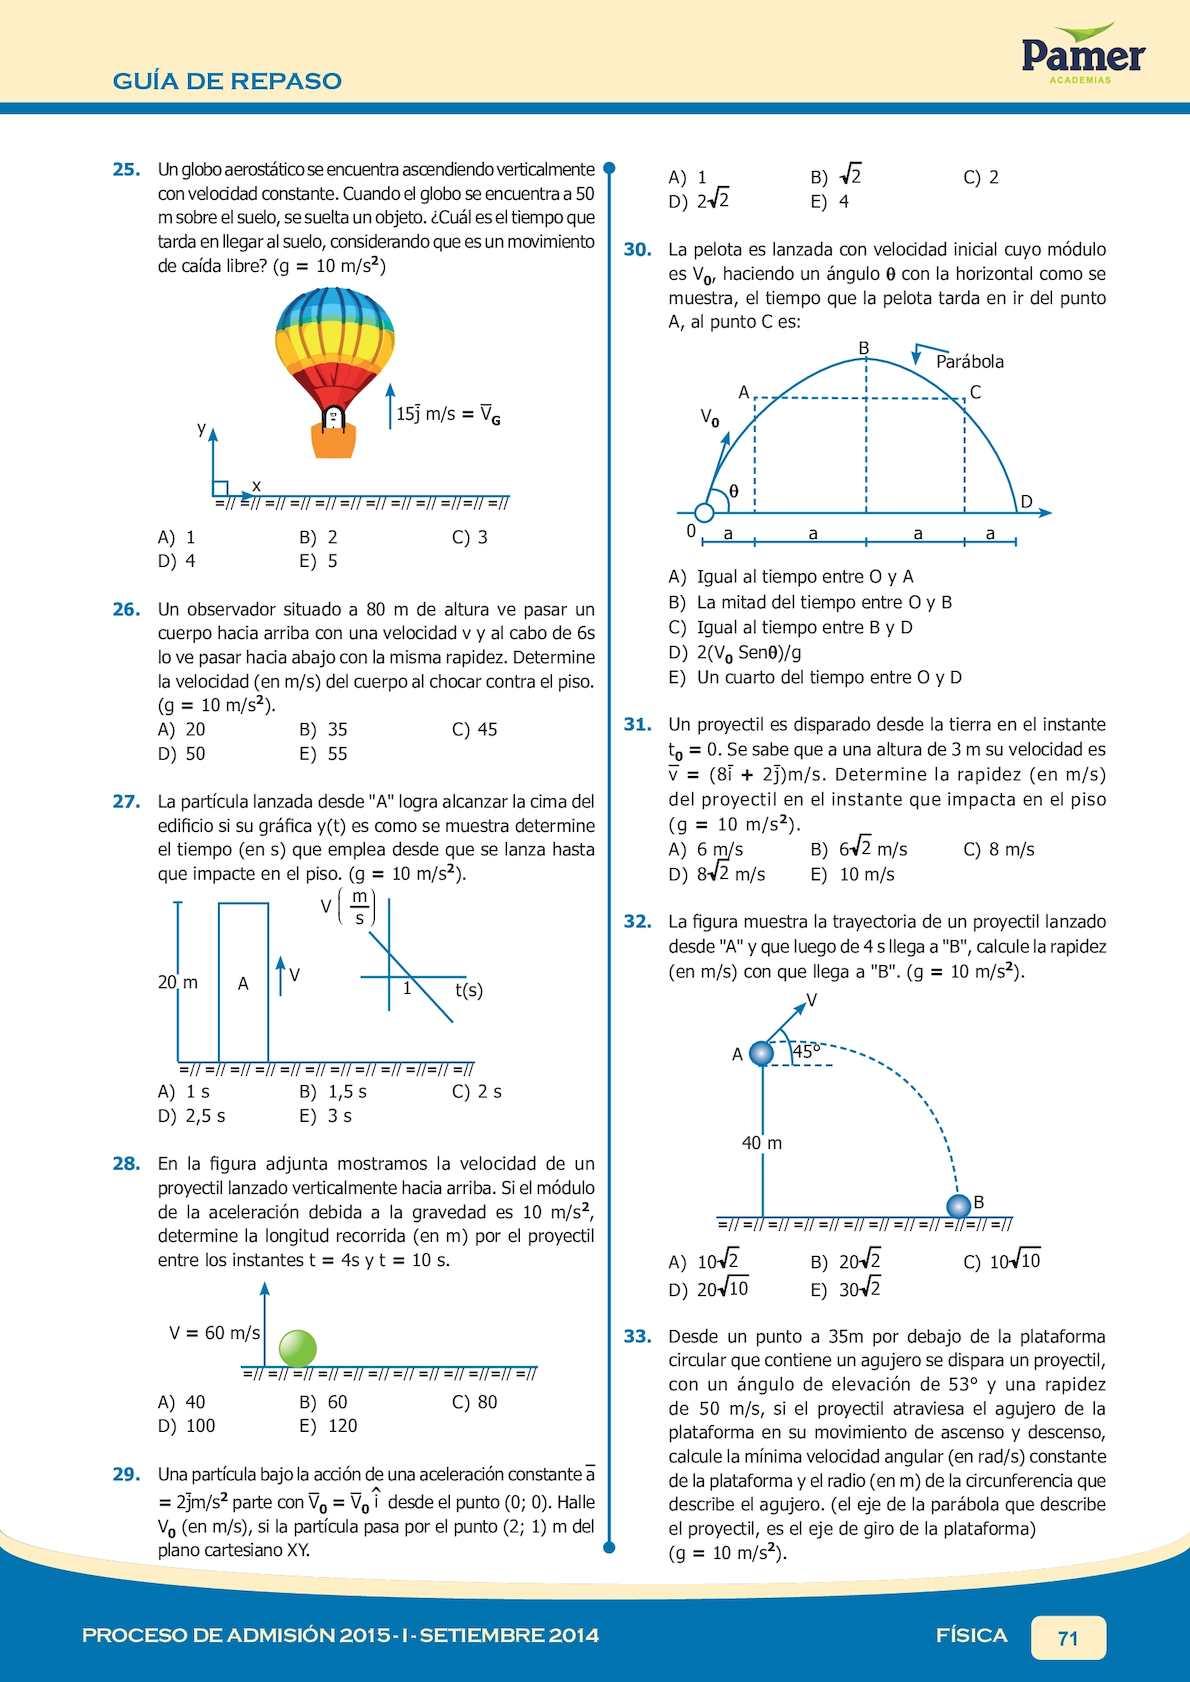 Diagrama 40 Ml 4s 4 Tiempos 40 Hp - General Wiring Diagrams on